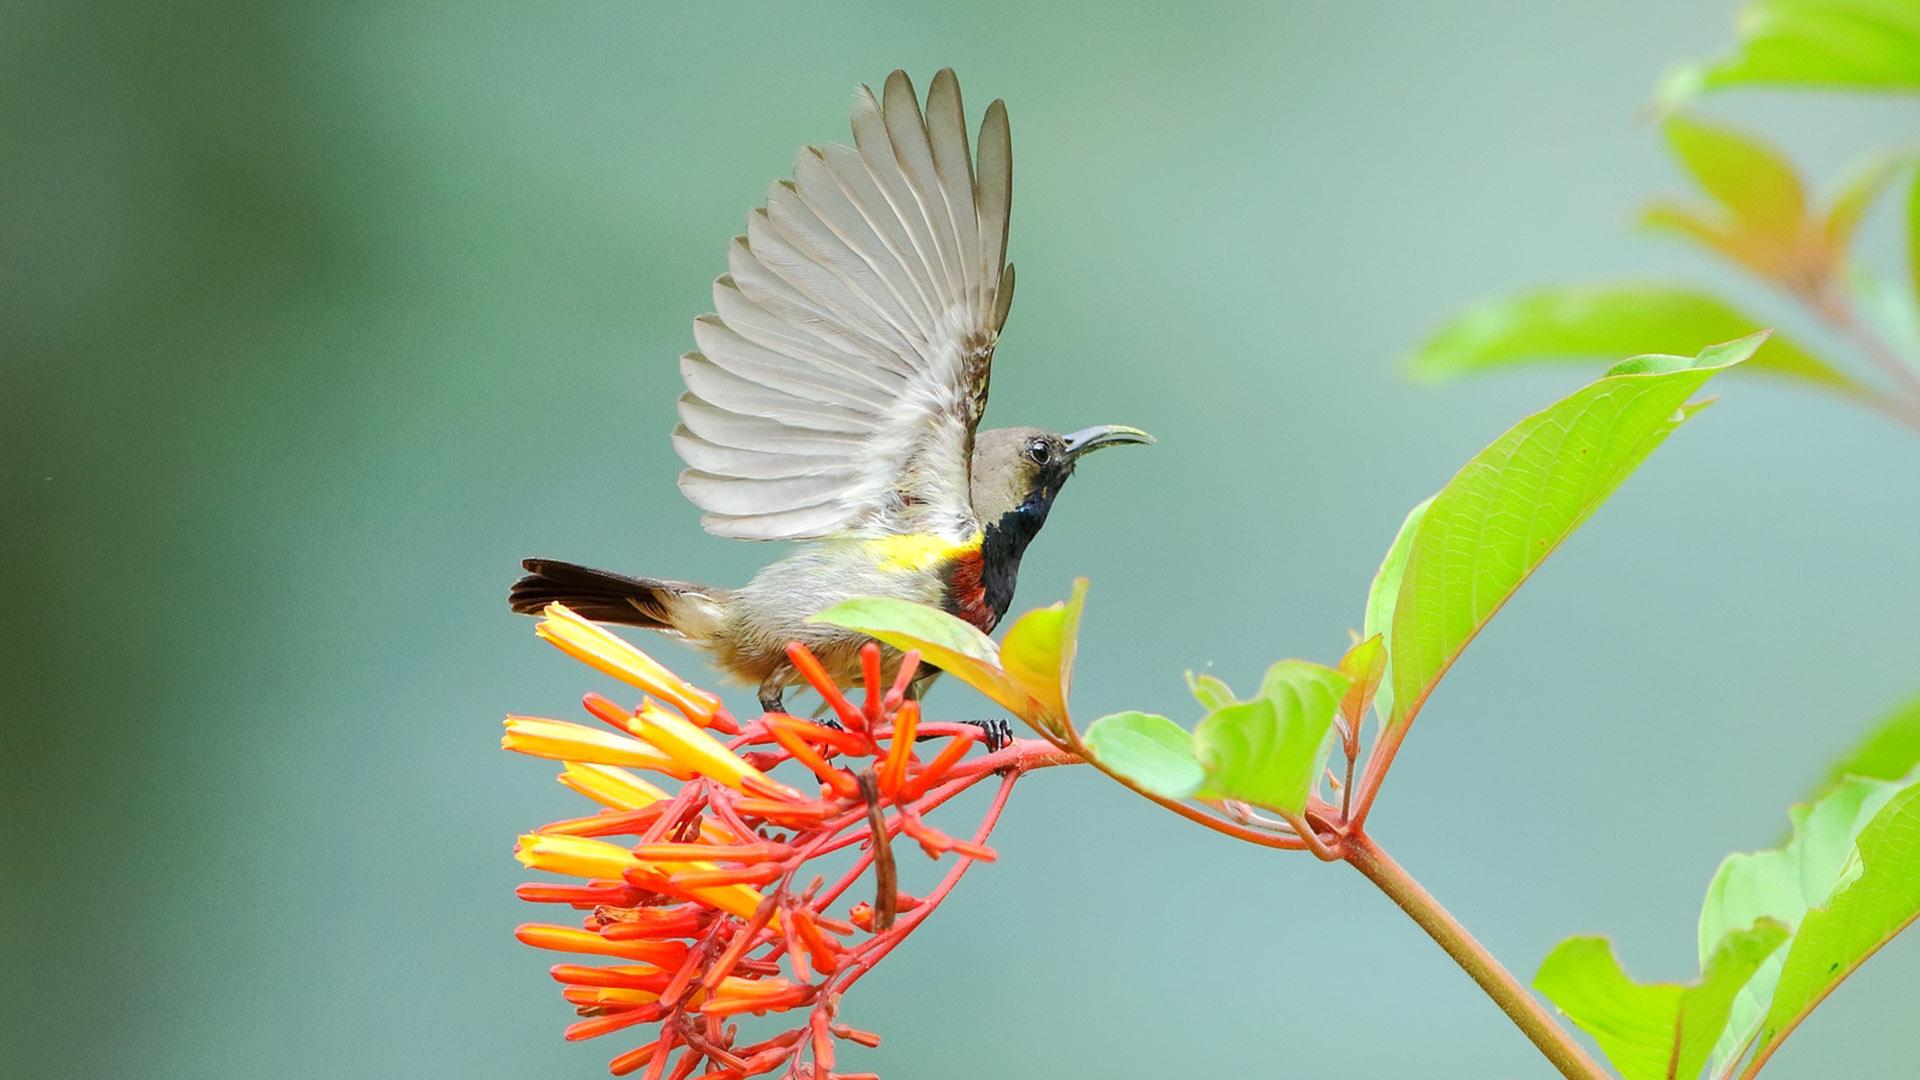 【花蜜鸟动物图片电脑1080p高清壁纸】-【联想杂谈】